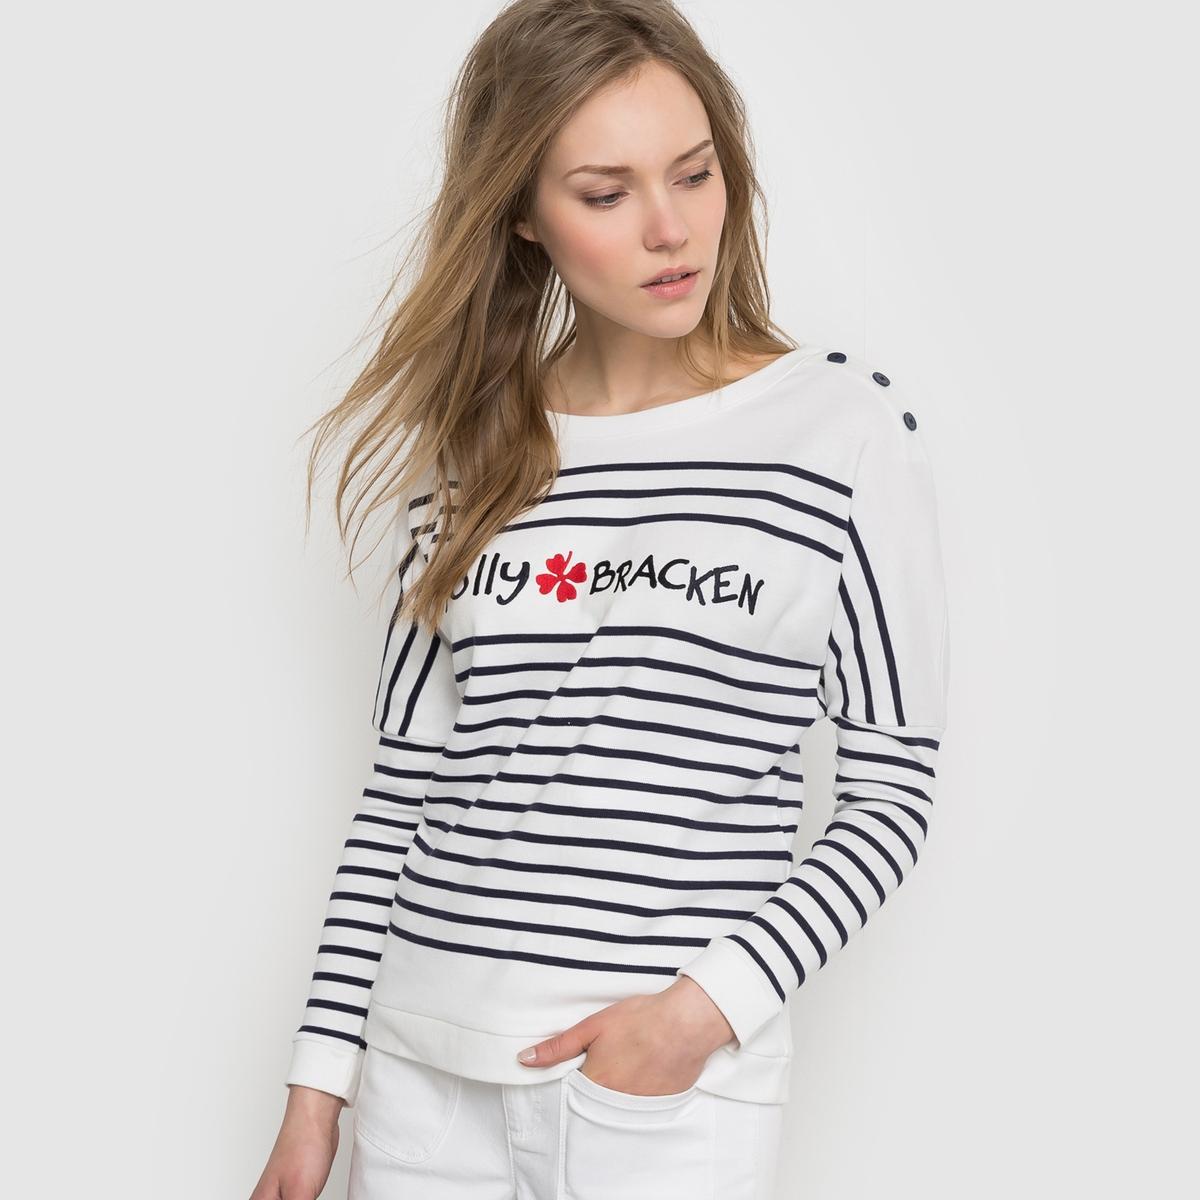 Пуловер в полоску - MOLLY BRACKEN, LADIES KNITTED SWEATERСостав и описание:Материал: 100% хлопка.Марка: MOLLY BRACKEN<br><br>Цвет: в полоску черный/белый<br>Размер: XS